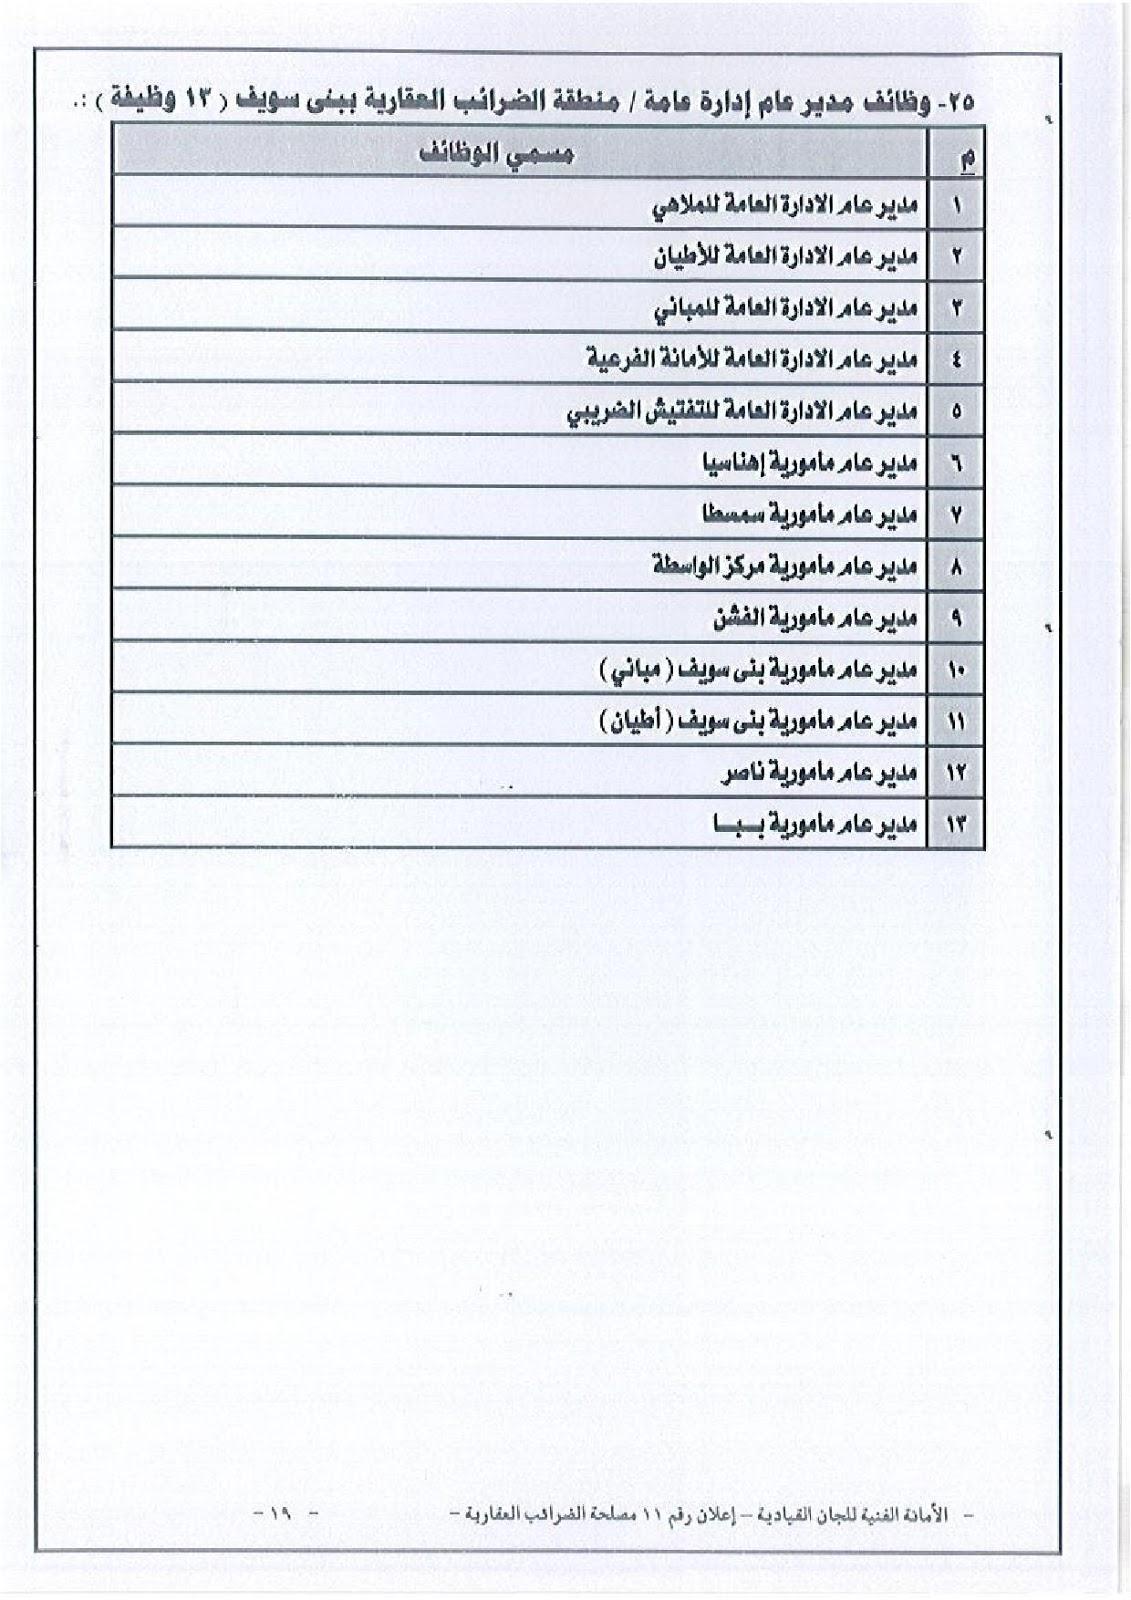 c6afa6d98 Mit3mr ميت غمر in Mit Ghamr, ميت غمر دقهلية - الموقع الرسمي لمدينة ...